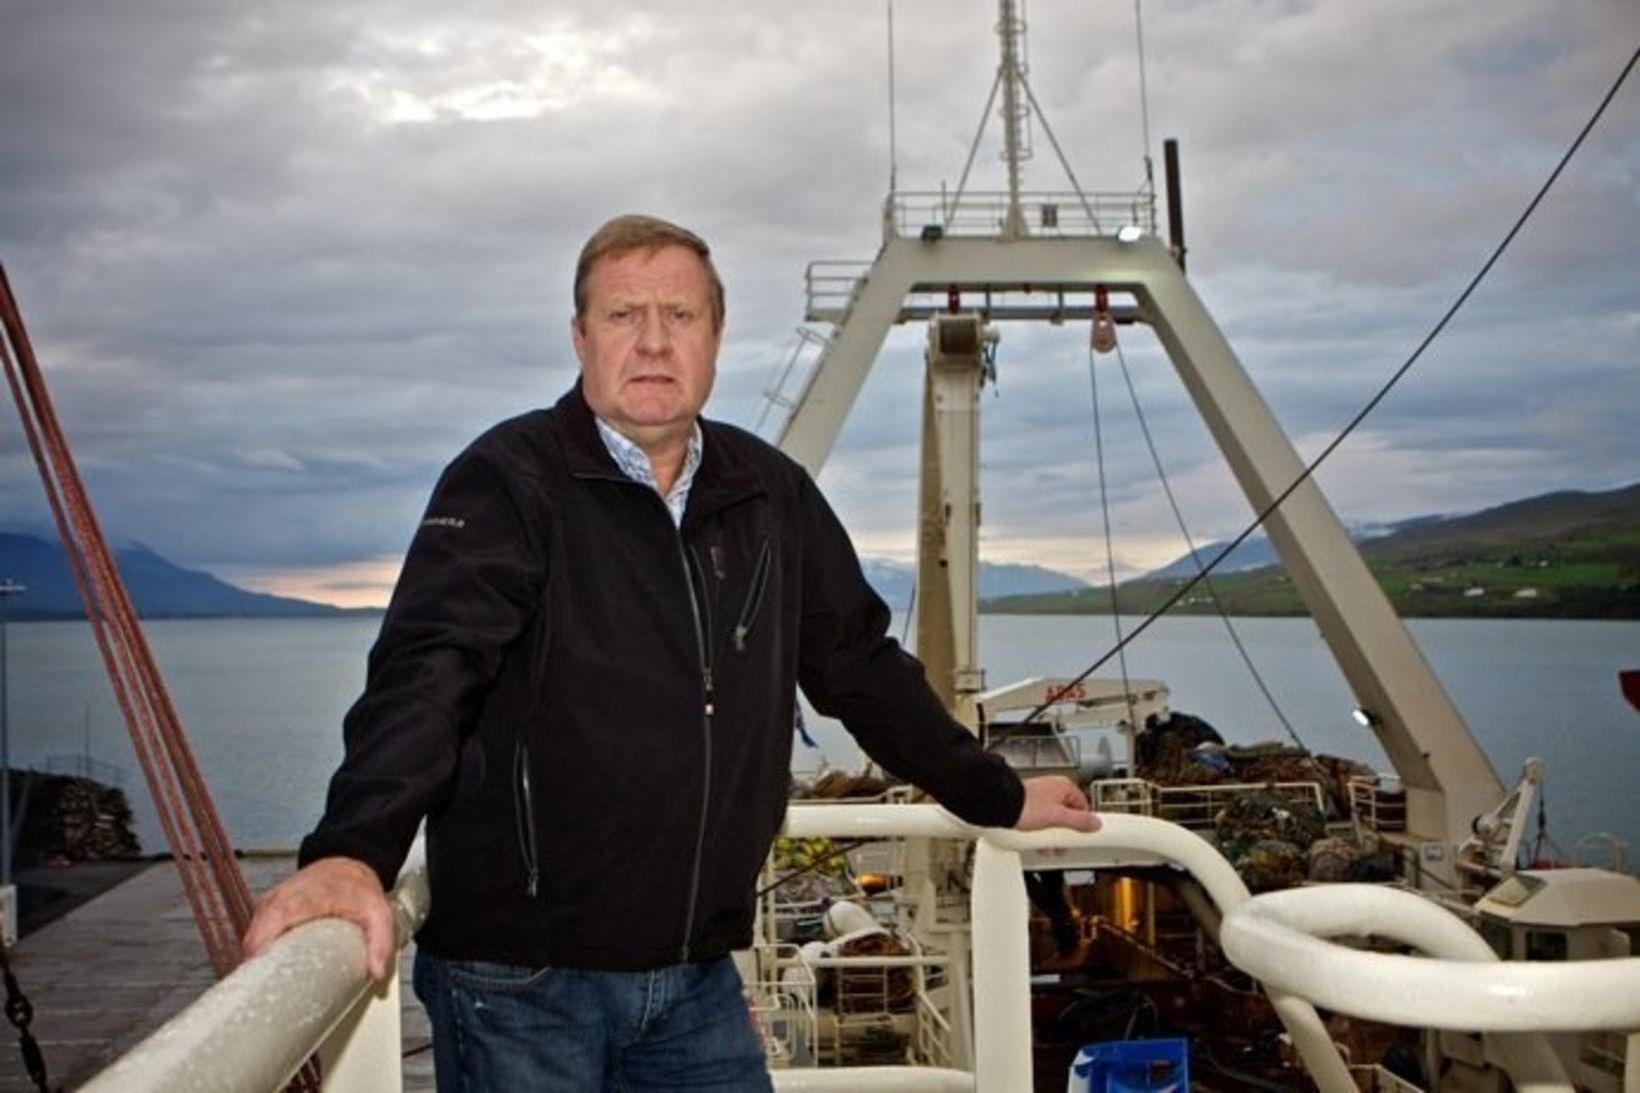 Arngrímur Brynjólfsson skipstjóri var látinn sæta farbanni vegna meintra ólöglegra …